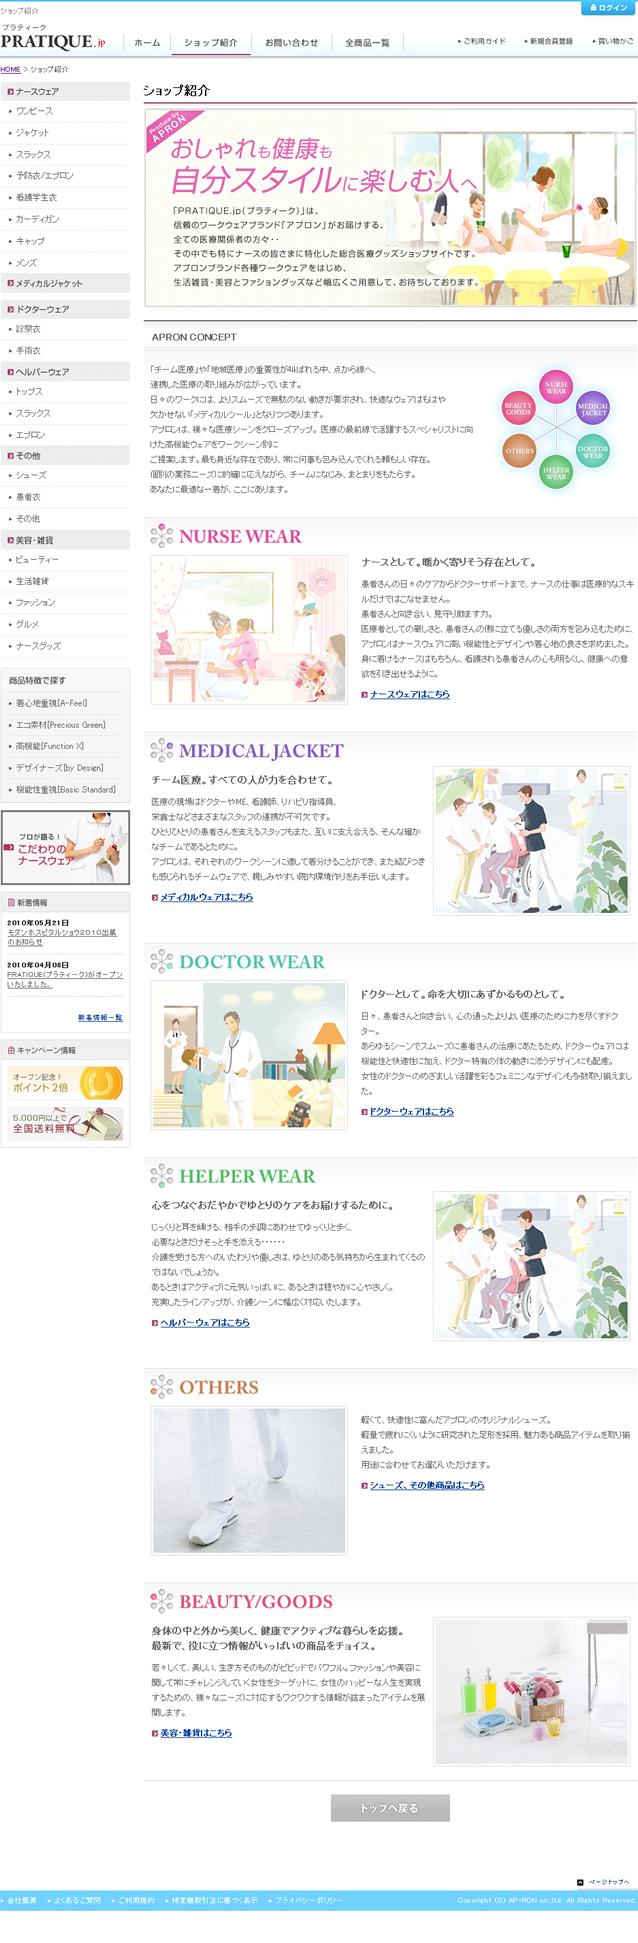 活鱼设计工作室——日本医疗机构服饰设计制作公司的网站(株式会社アプロンワールド)公司介绍页面